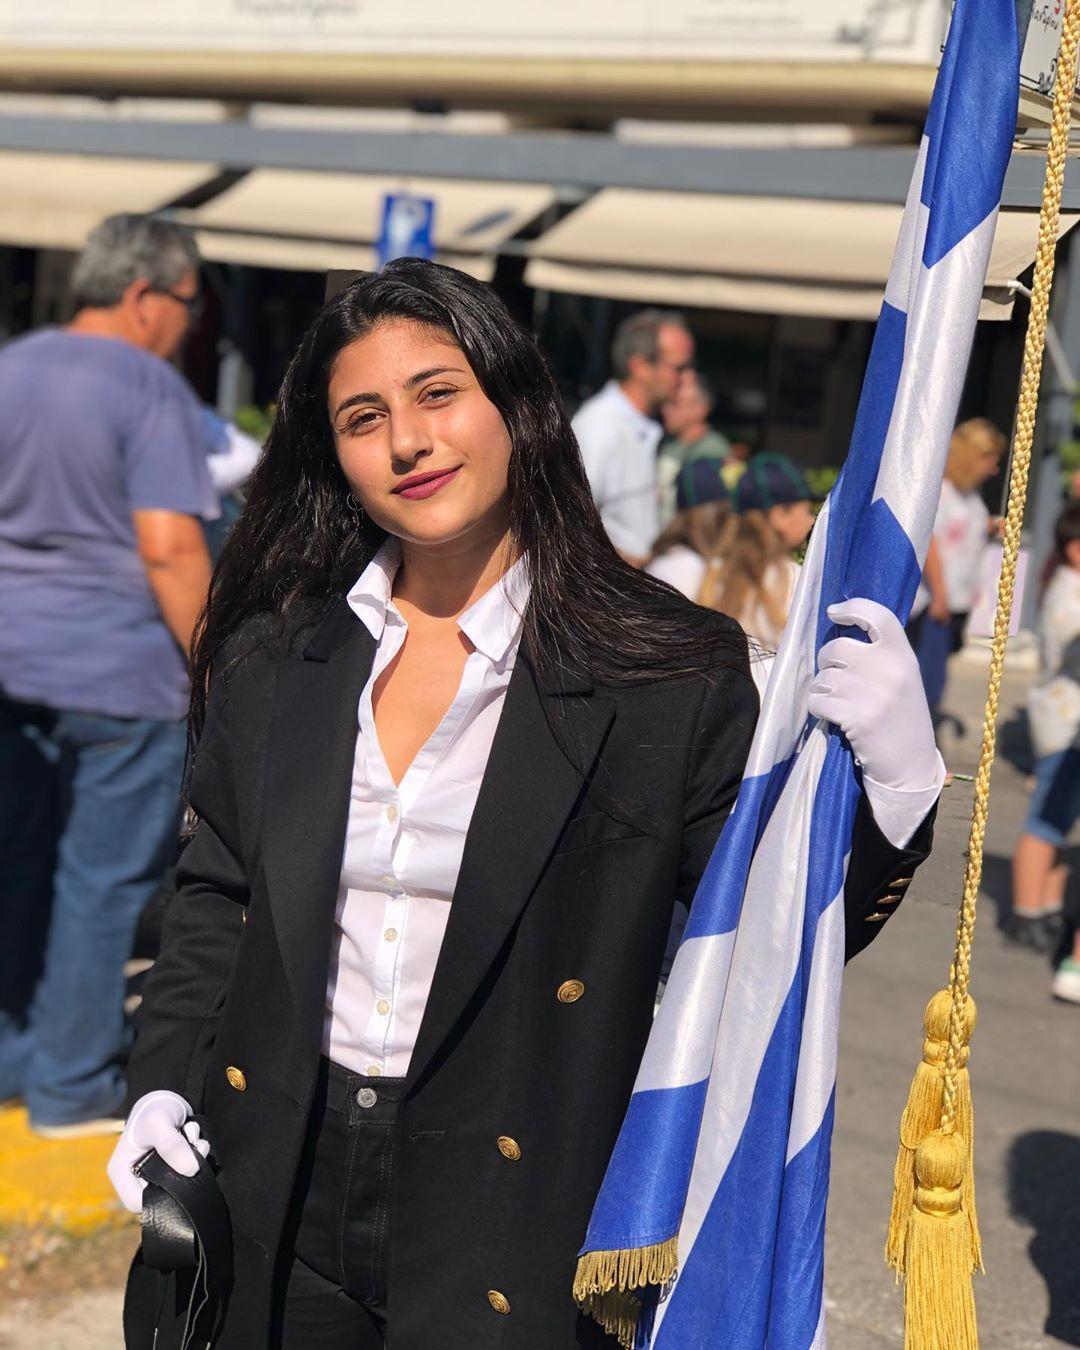 Η σημαιοφόρος είναι κόρη γνωστού Έλληνα ηθοποιού! [pics]